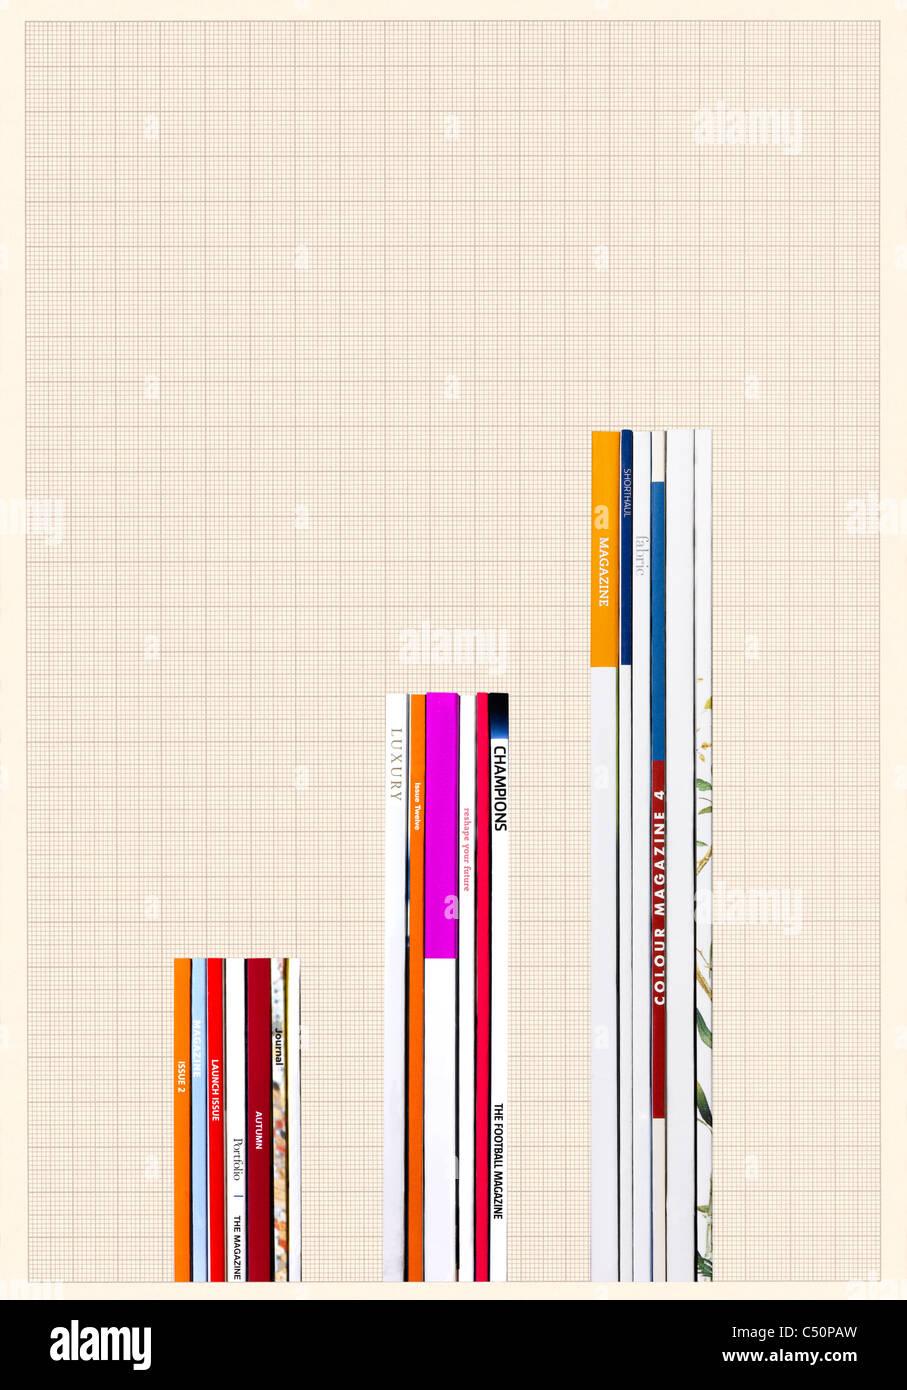 Revistas colocados para formar un gráfico Imagen De Stock